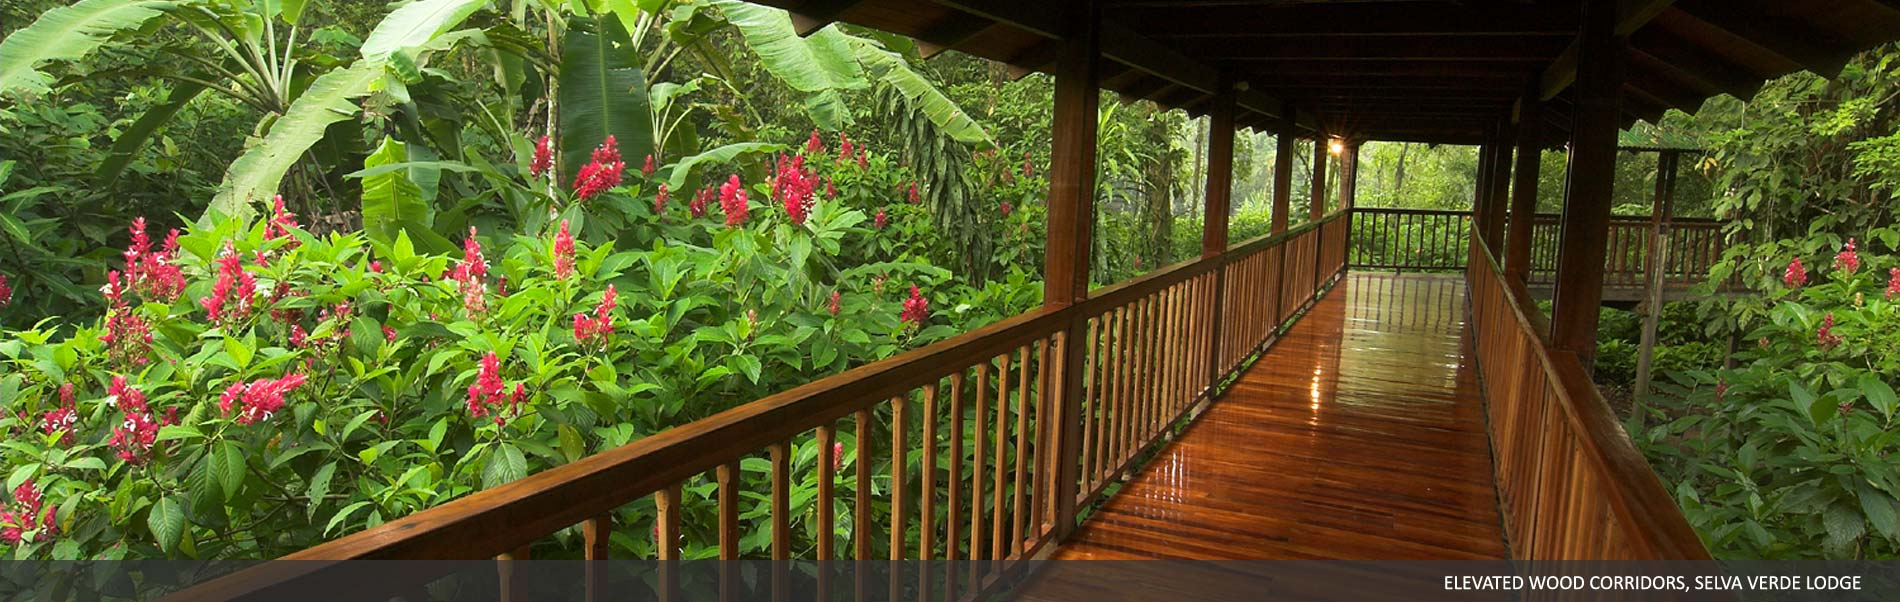 activities-selva-verde-01.jpg